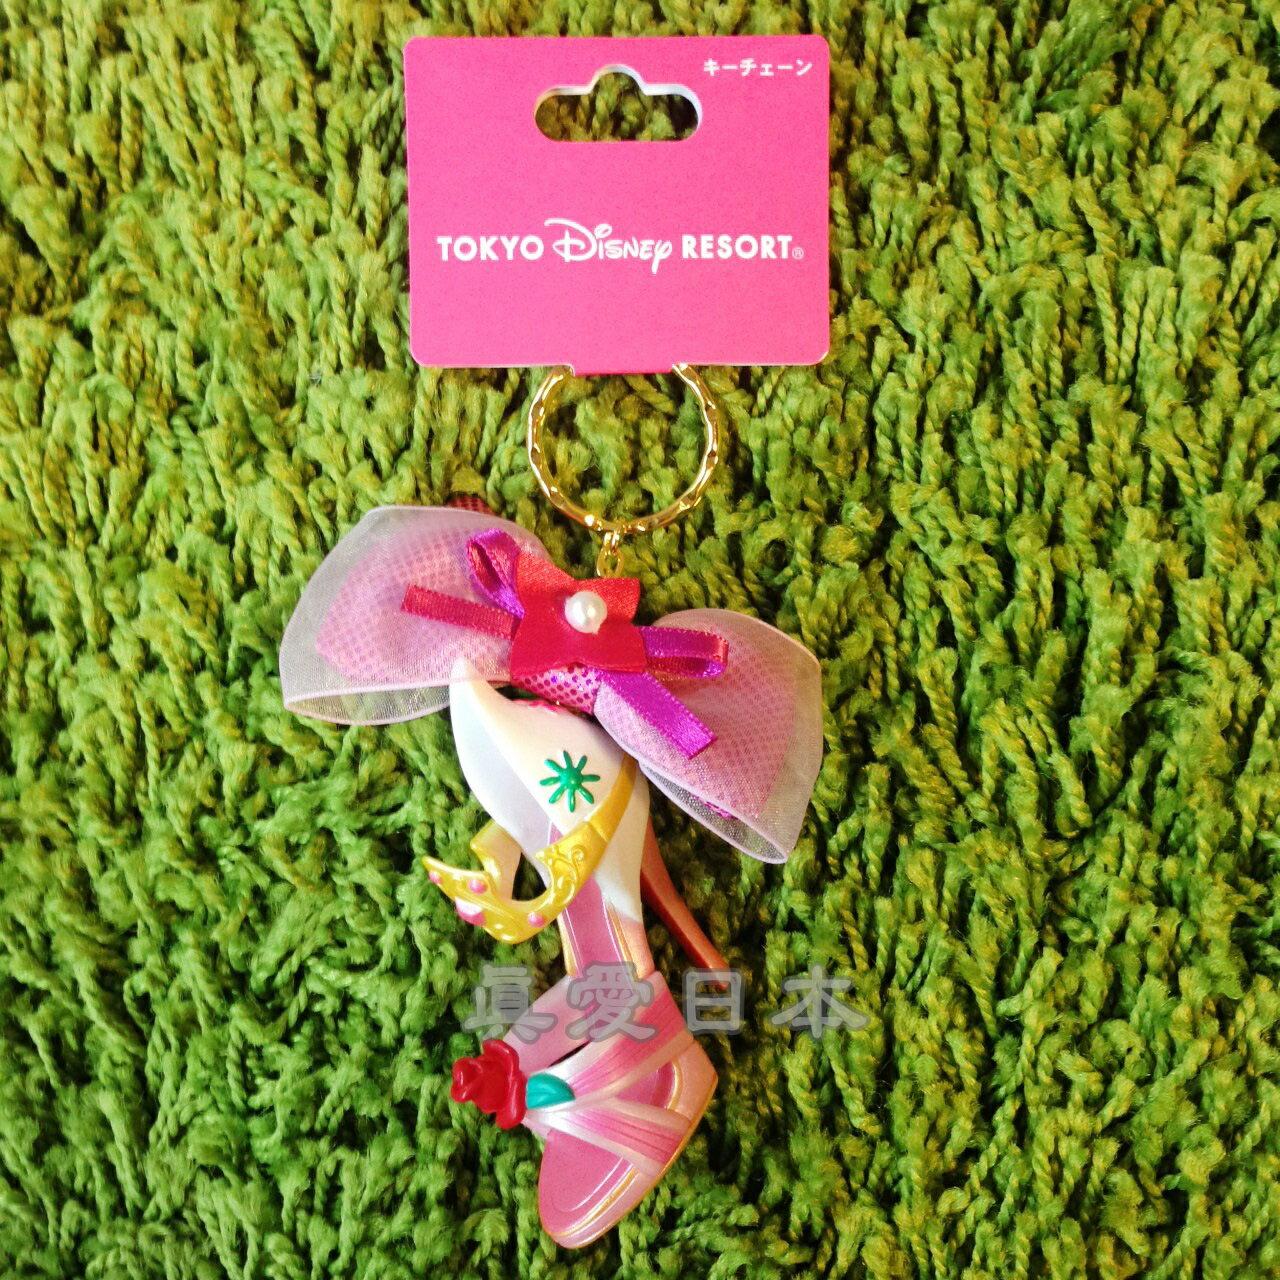 【真愛日本】16041800008樂園限定鎖圈高跟鞋-睡美人 迪士尼 睡美人 Sleeping Beauty 吊飾 飾品 鑰匙圈 正品 限量 預購